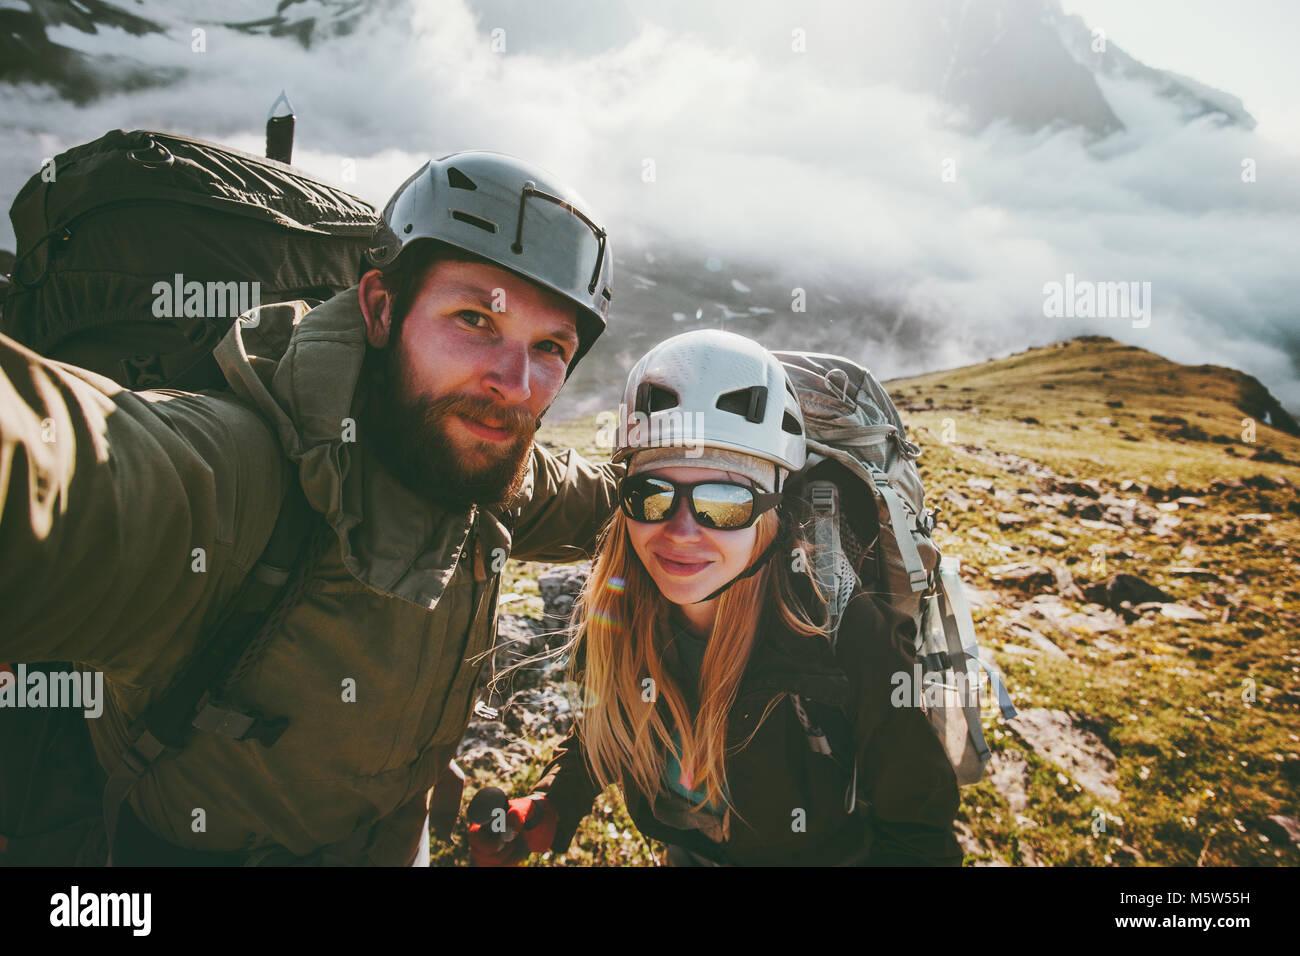 Giovane travel selfie l uomo e la donna trekking in montagna di amore e di avventura Lifestyle wanderlust concept Immagini Stock